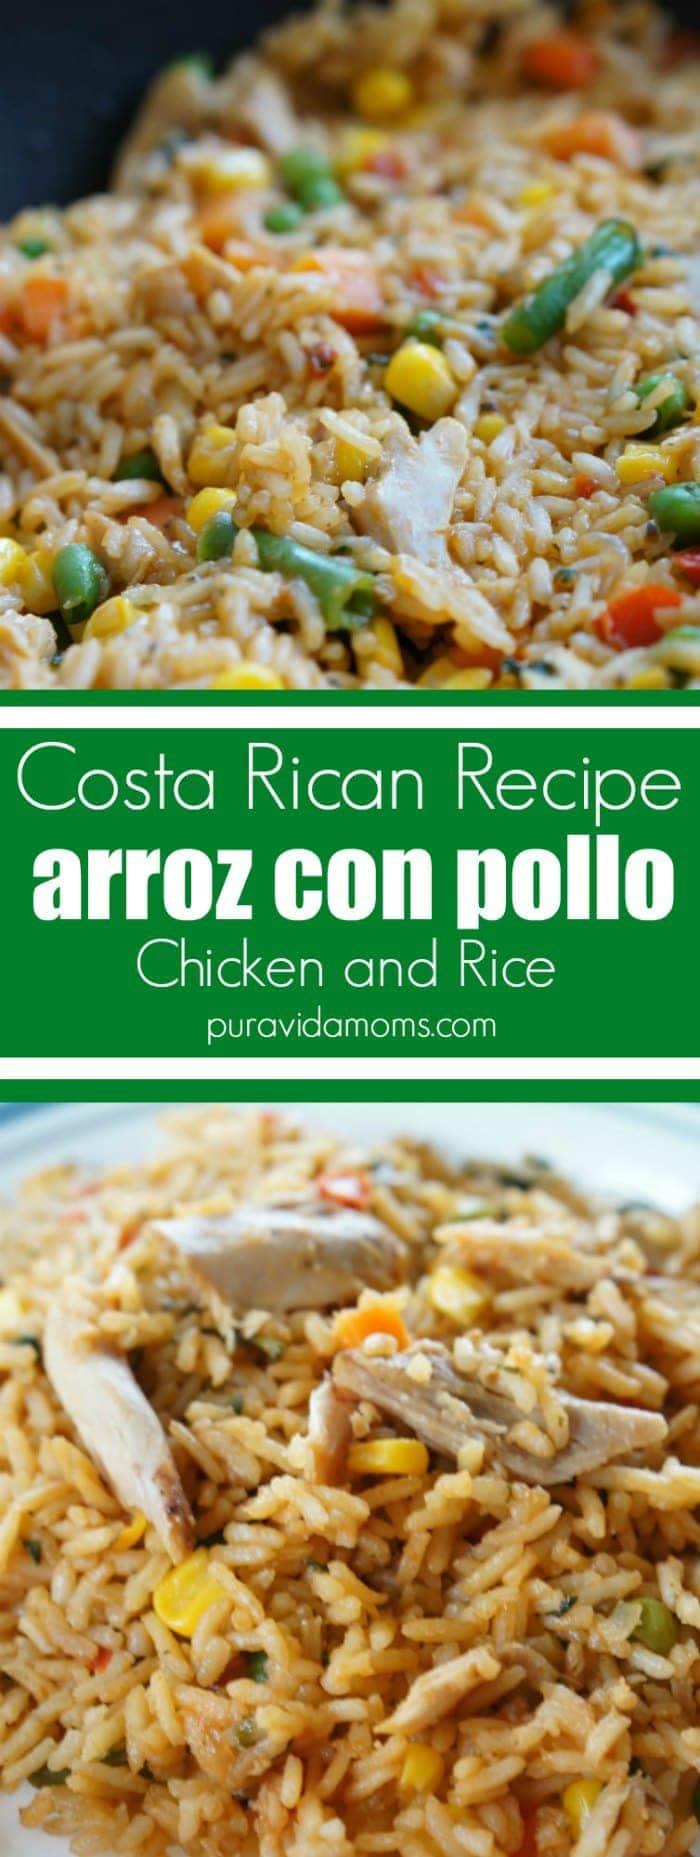 Costa Rican Arroz Con Pollo Chicken and Rice Recipe